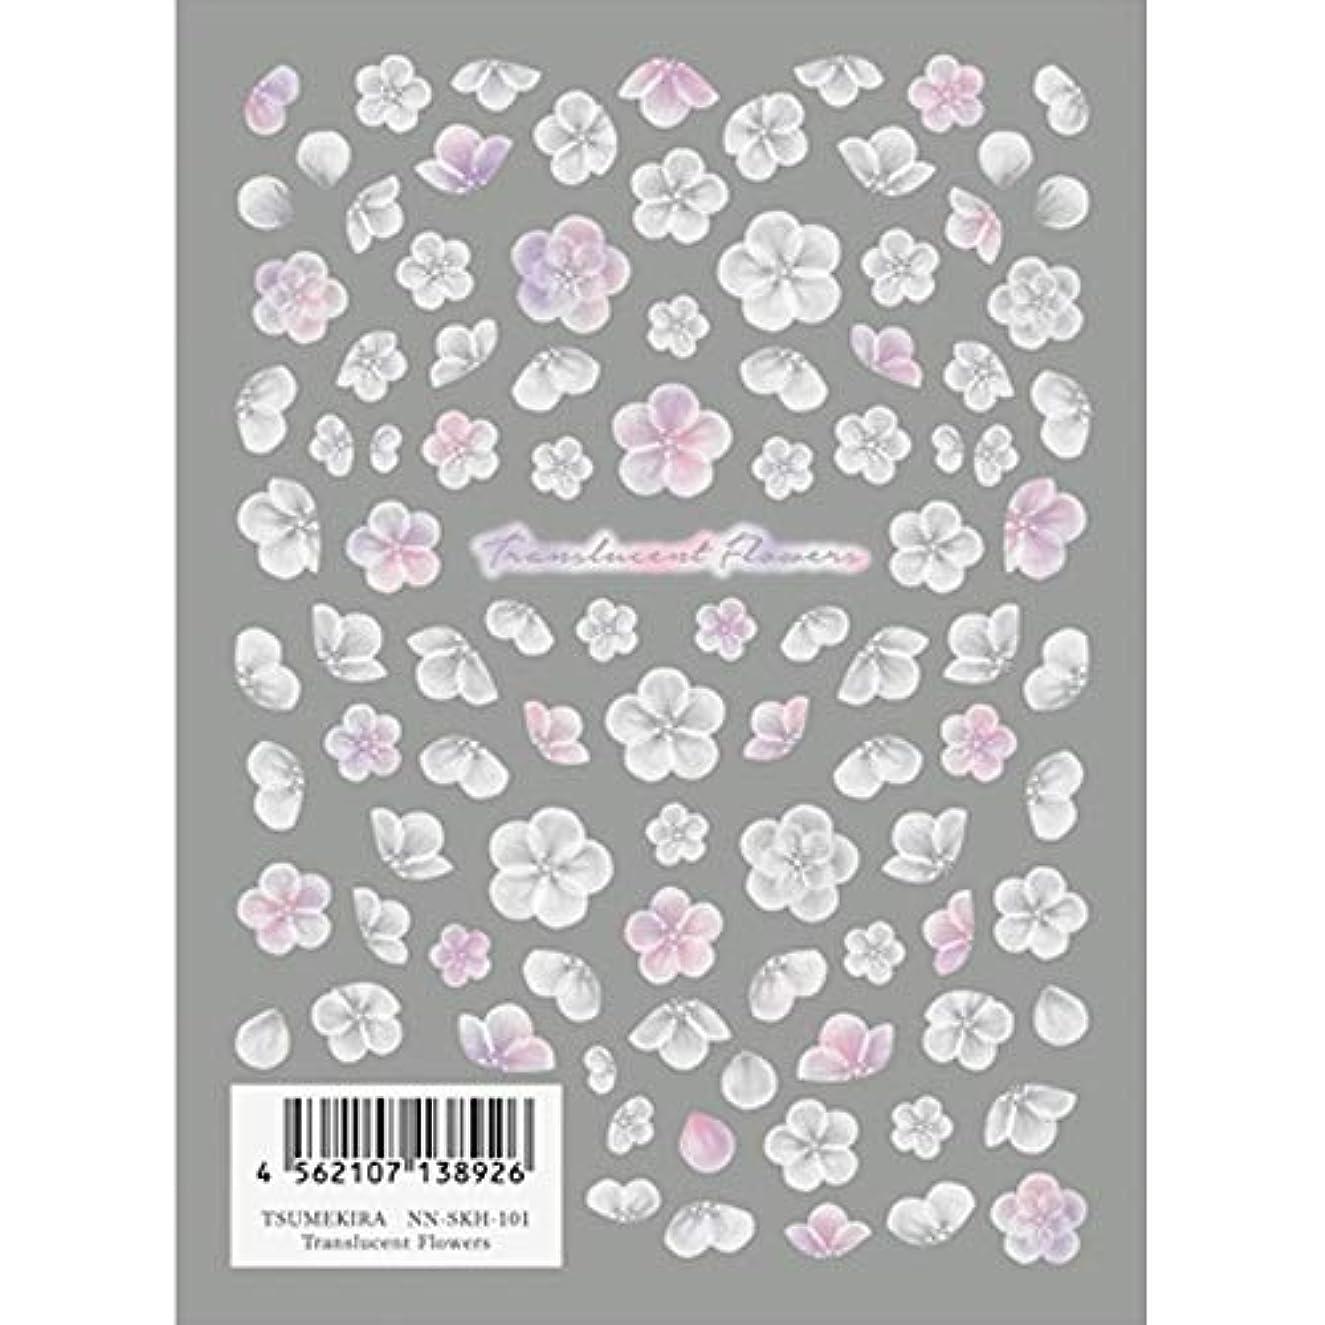 どこにでも要塞クルーツメキラ(TSUMEKIRA) ネイル用シール Translucent Flowers NN-SKH-101